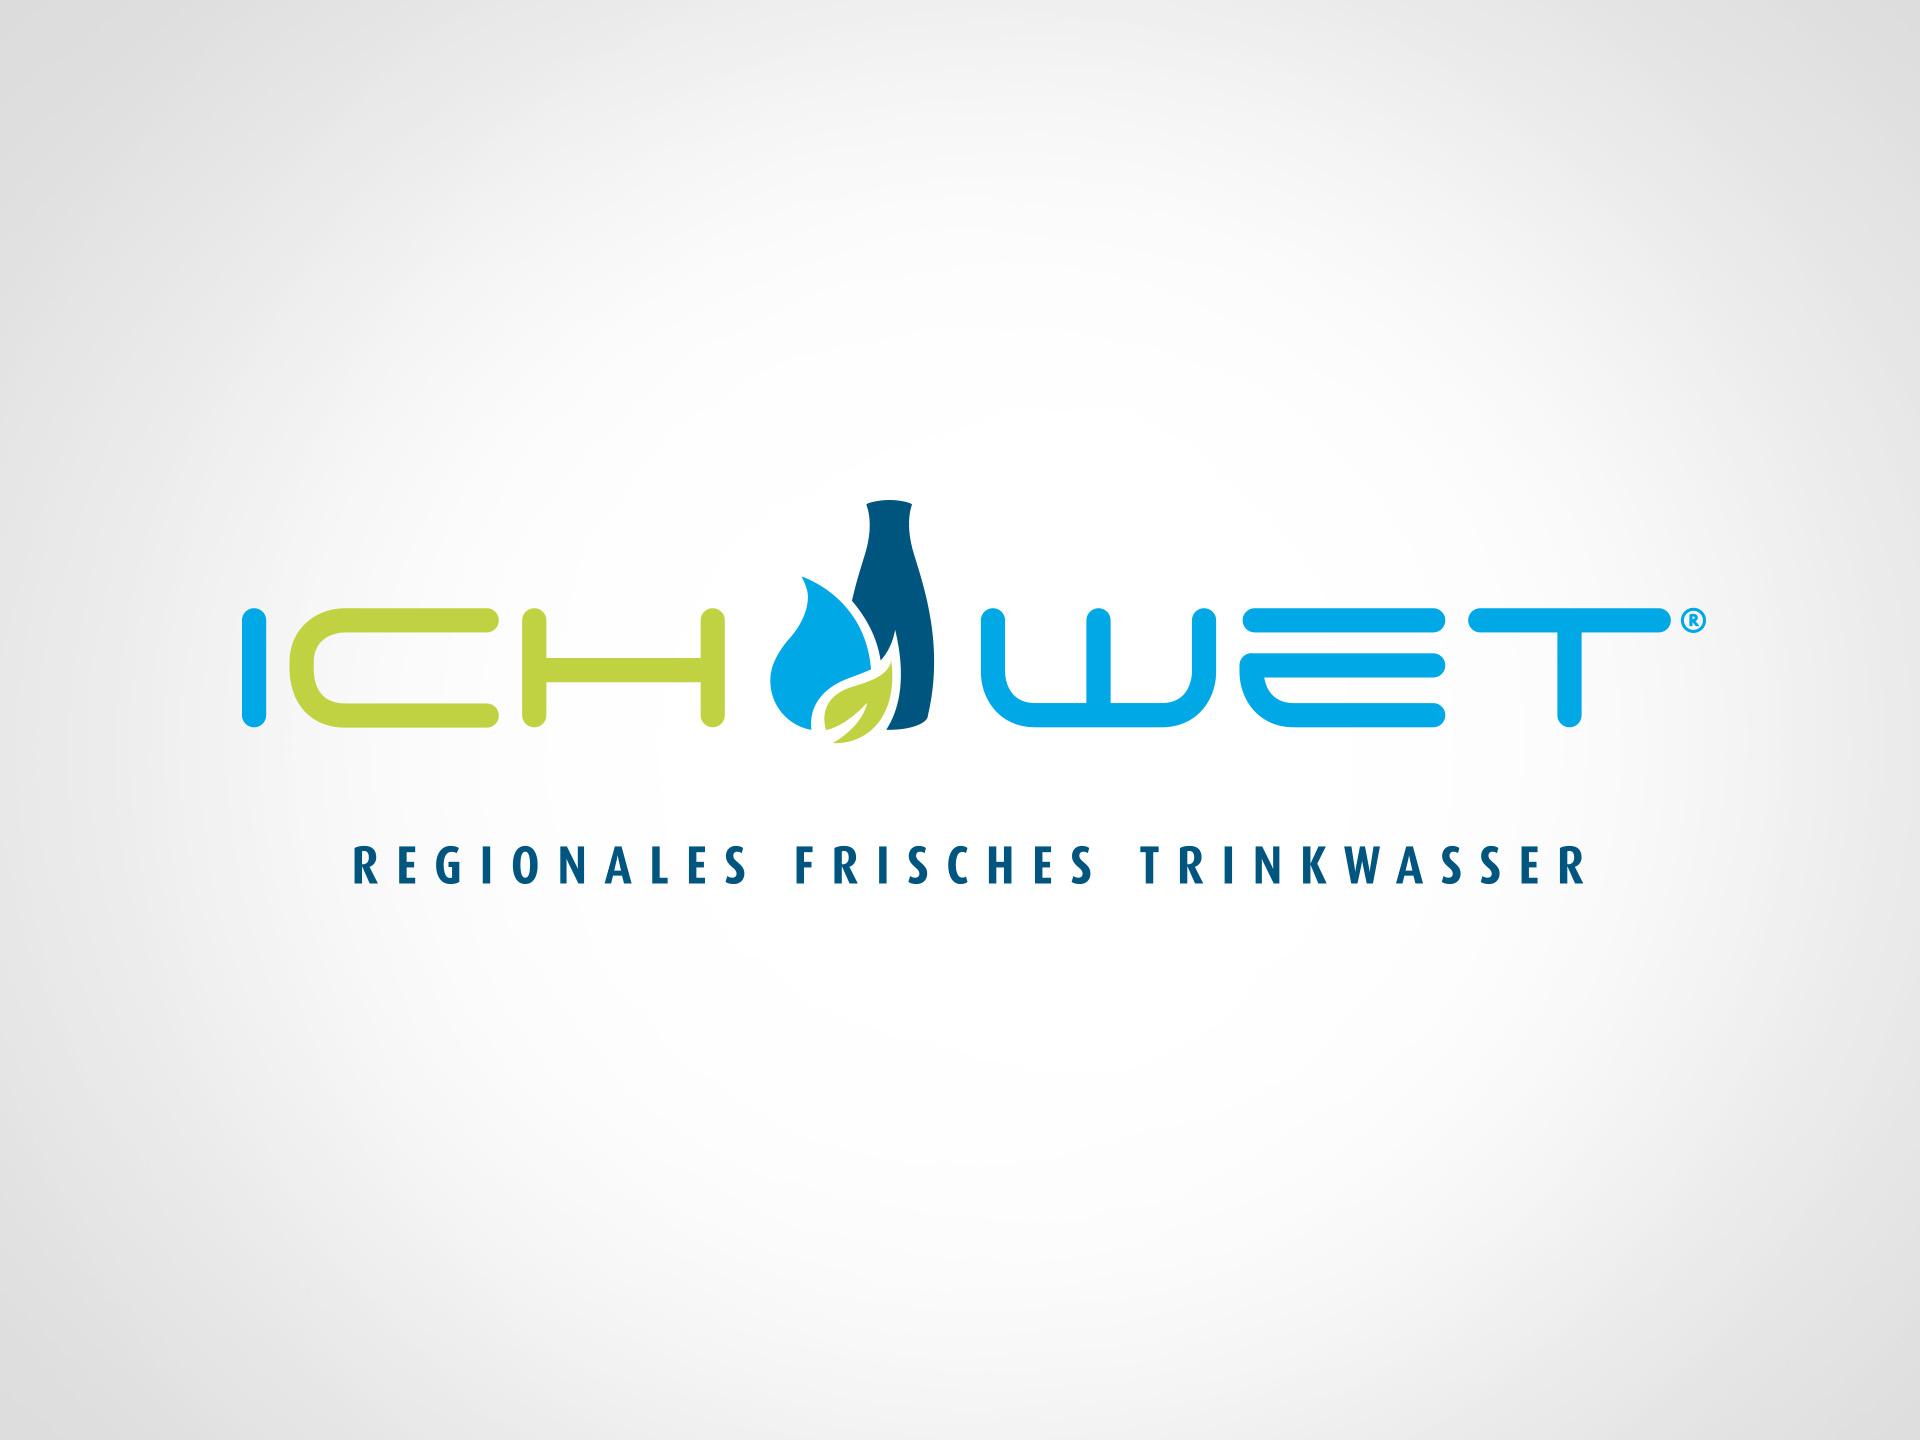 SM Graphic Design Referenzen Webdesign Logo Illustration ichwet Wasser Trinkwasser frisch natur Umwelt bio